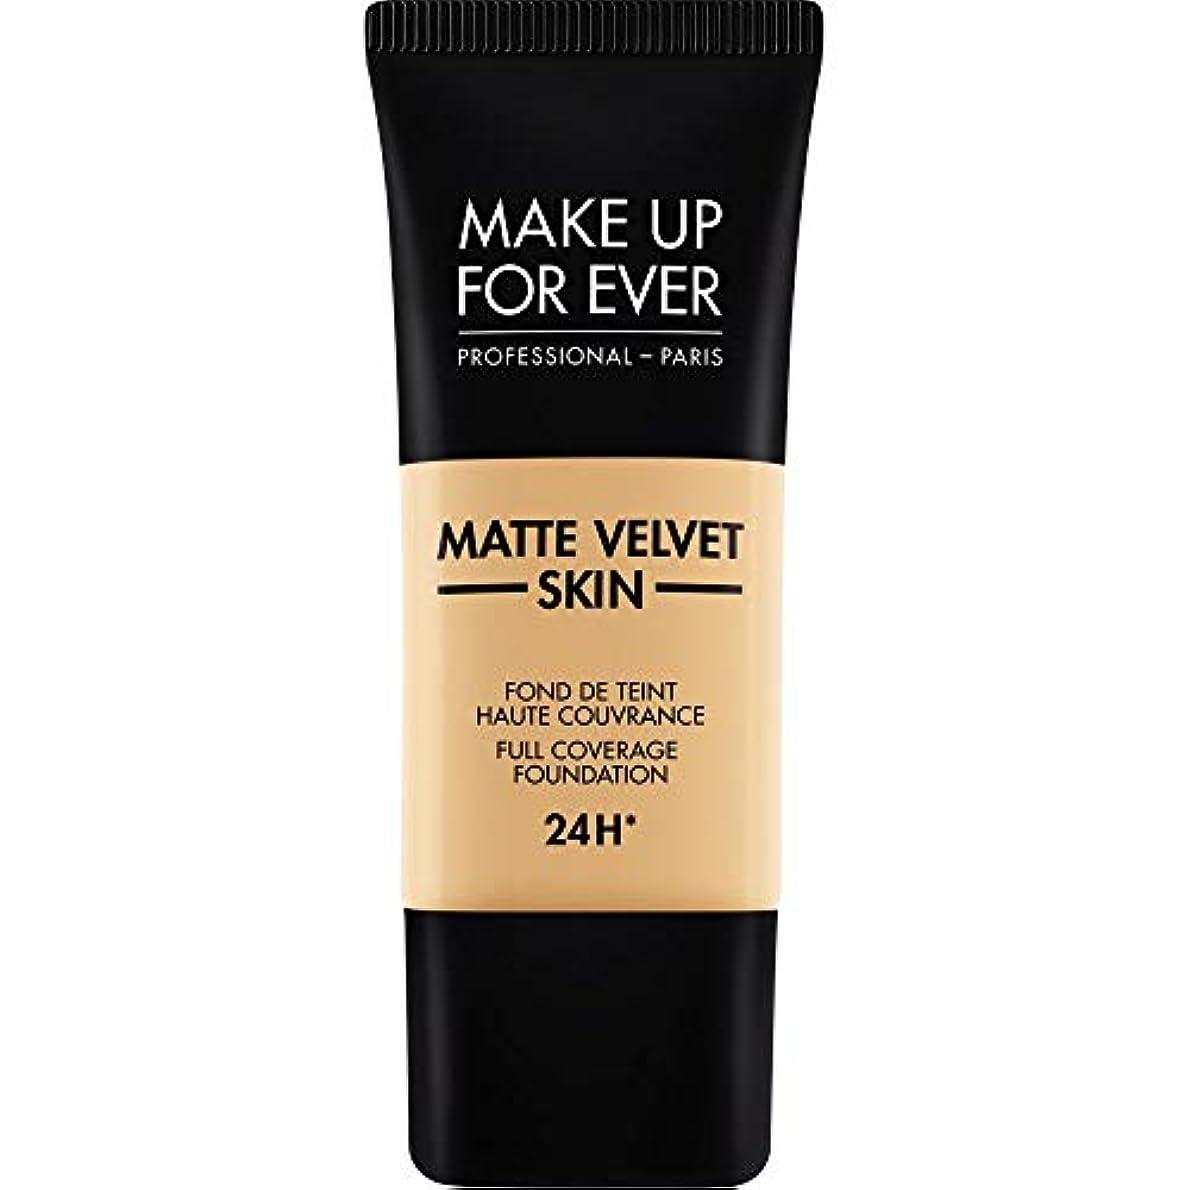 スティーブンソン留まる仮定、想定。推測[MAKE UP FOR EVER ] これまでマットベルベットの皮膚のフルカバレッジ基礎30ミリリットルのY255を補う - サンドベージュ - MAKE UP FOR EVER Matte Velvet Skin Full...